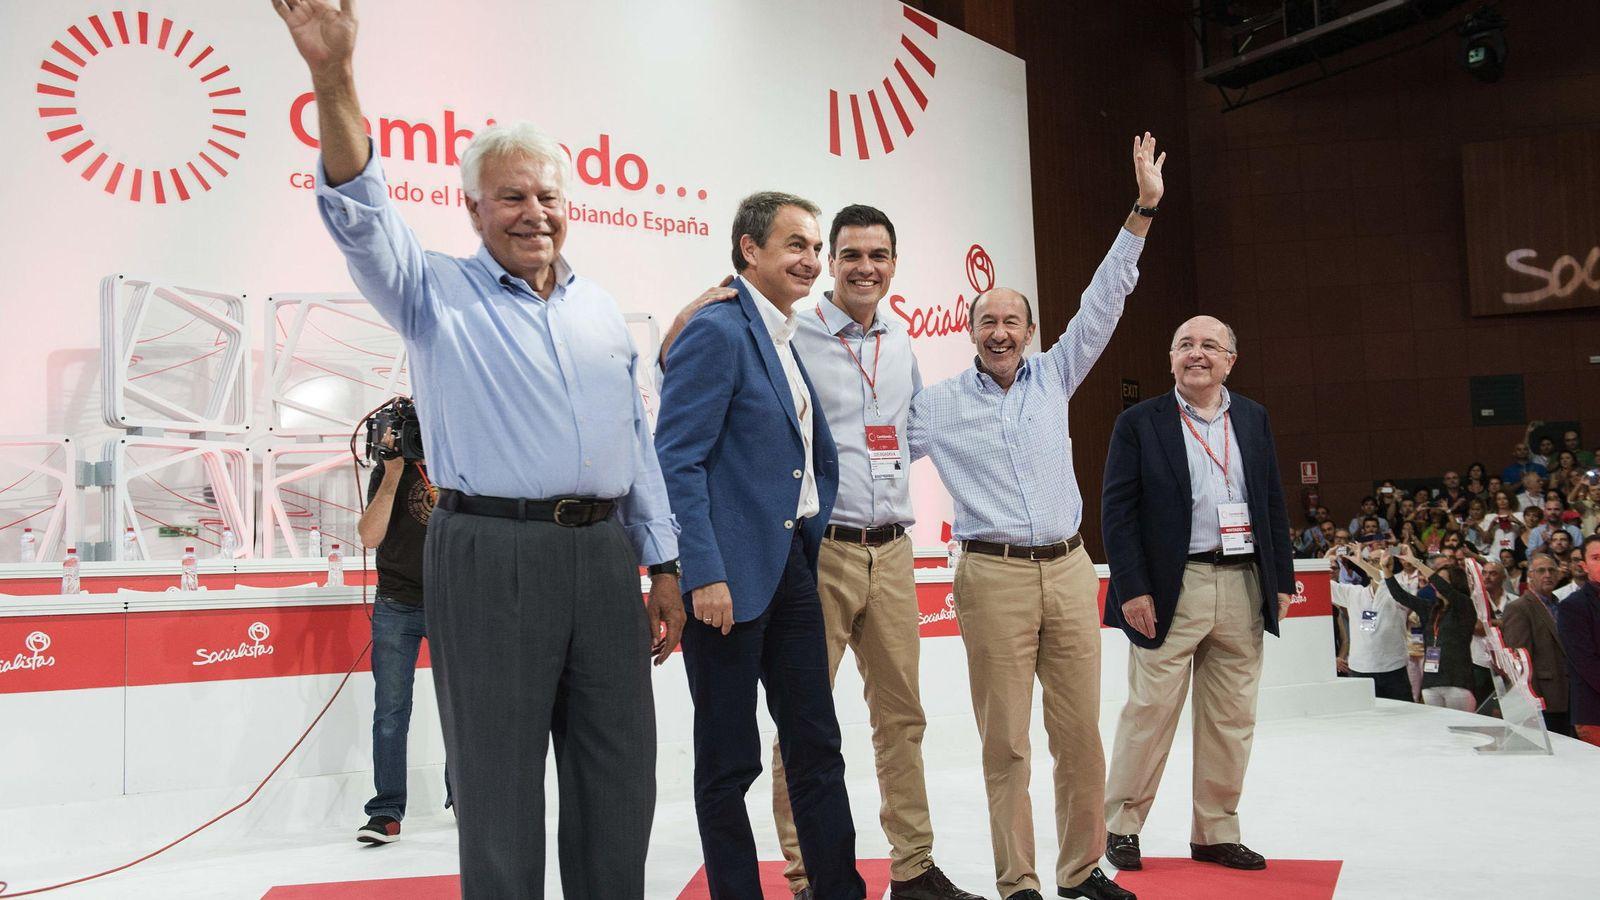 Foto: Sánchez, con González, Zapatero, Rubalcaba y Almunia, en el cierre del último congreso extraordinario del PSOE, el 27 de julio de 2014. (EFE)